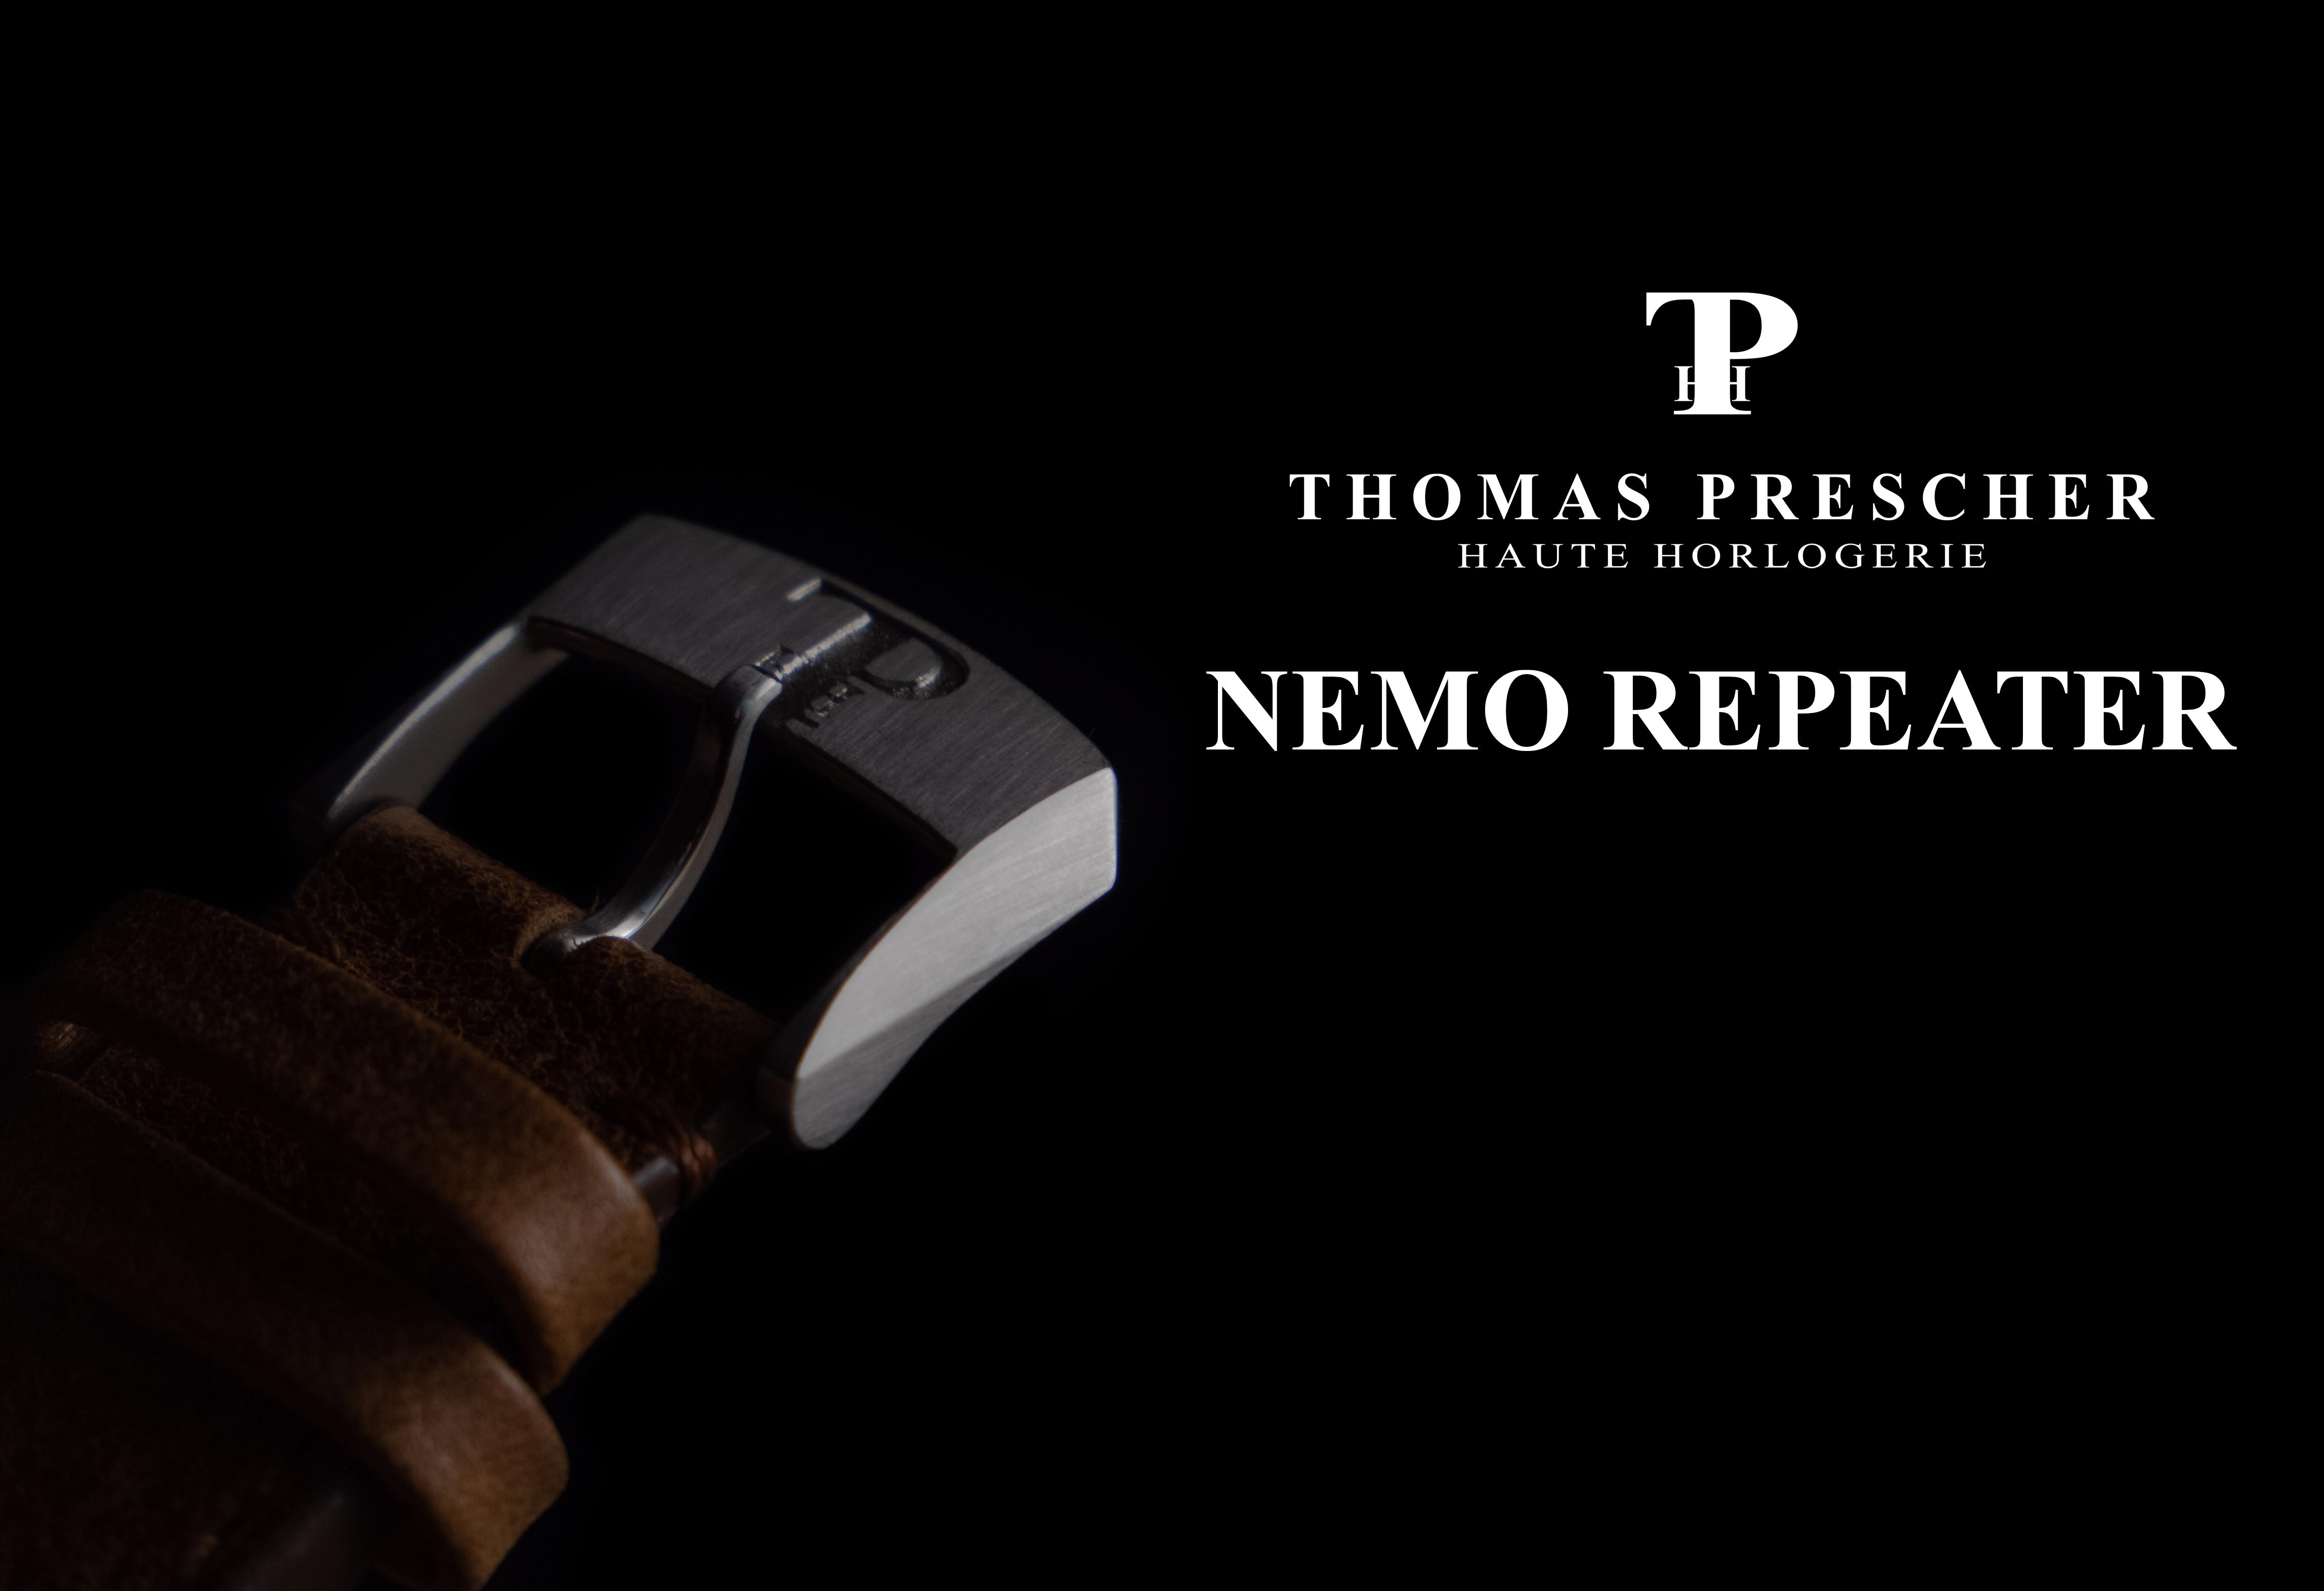 Nemo Repeater